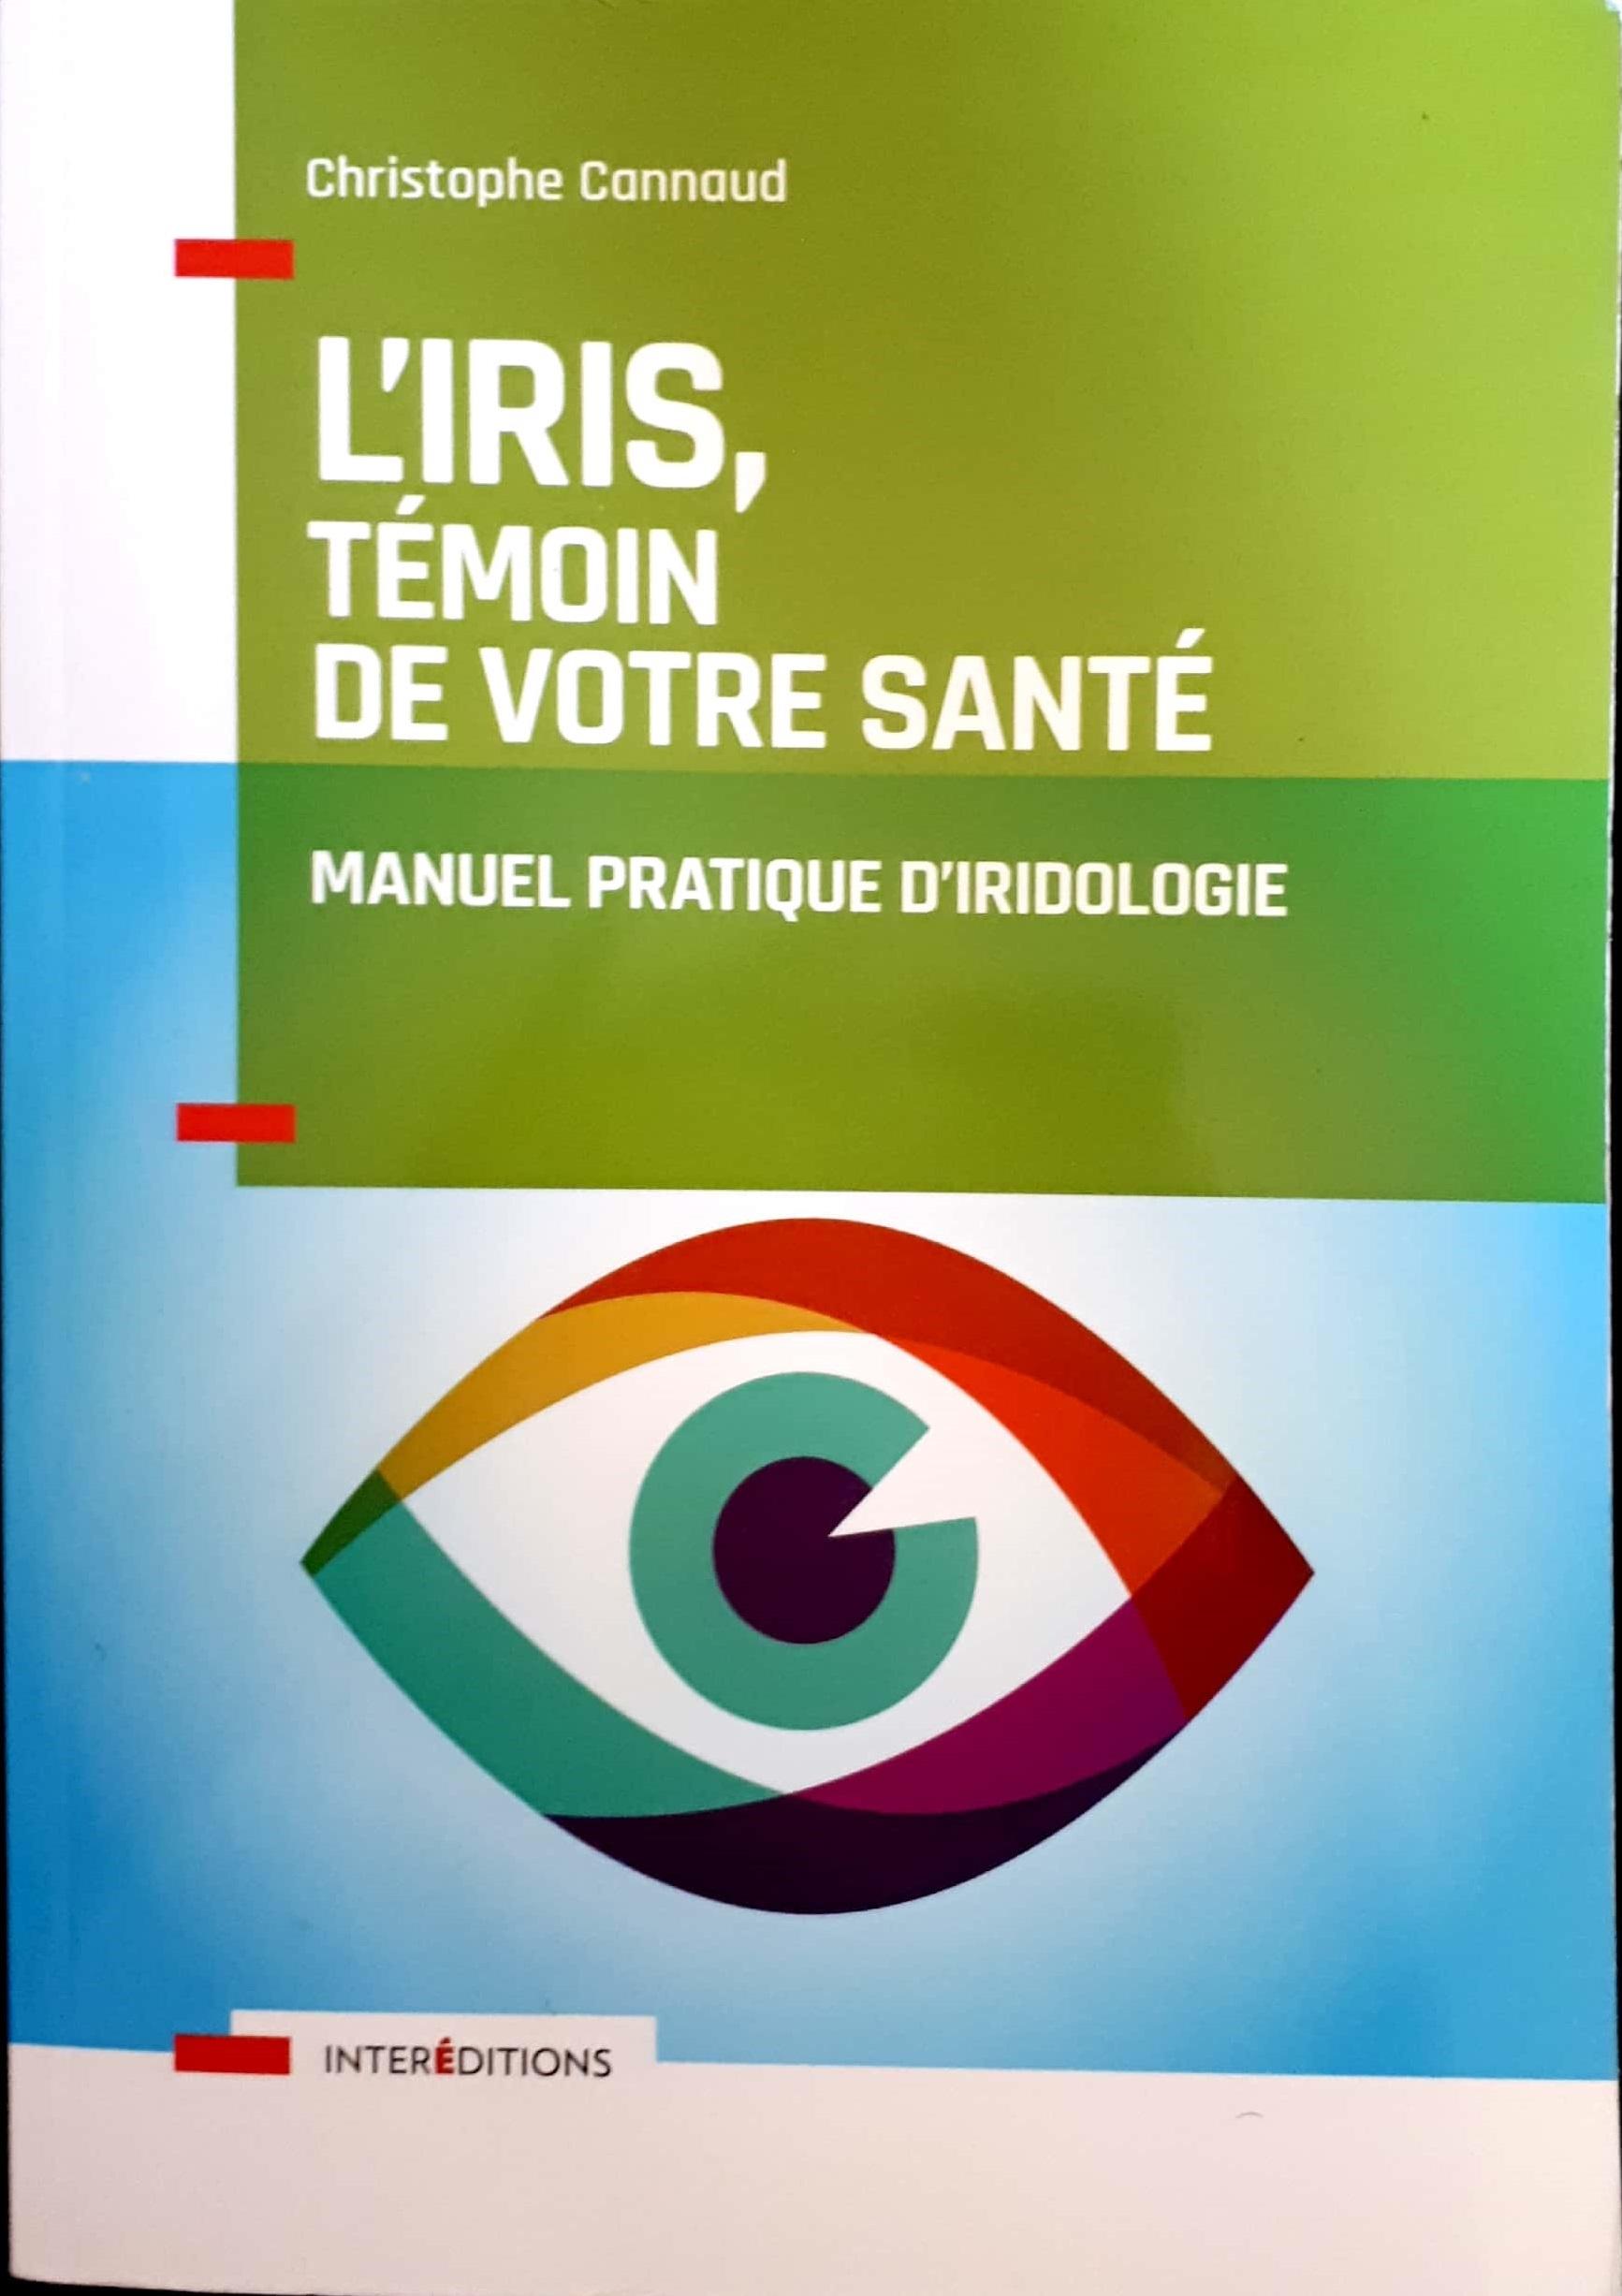 Supernaturo-L'Iris, témoin de votre santé